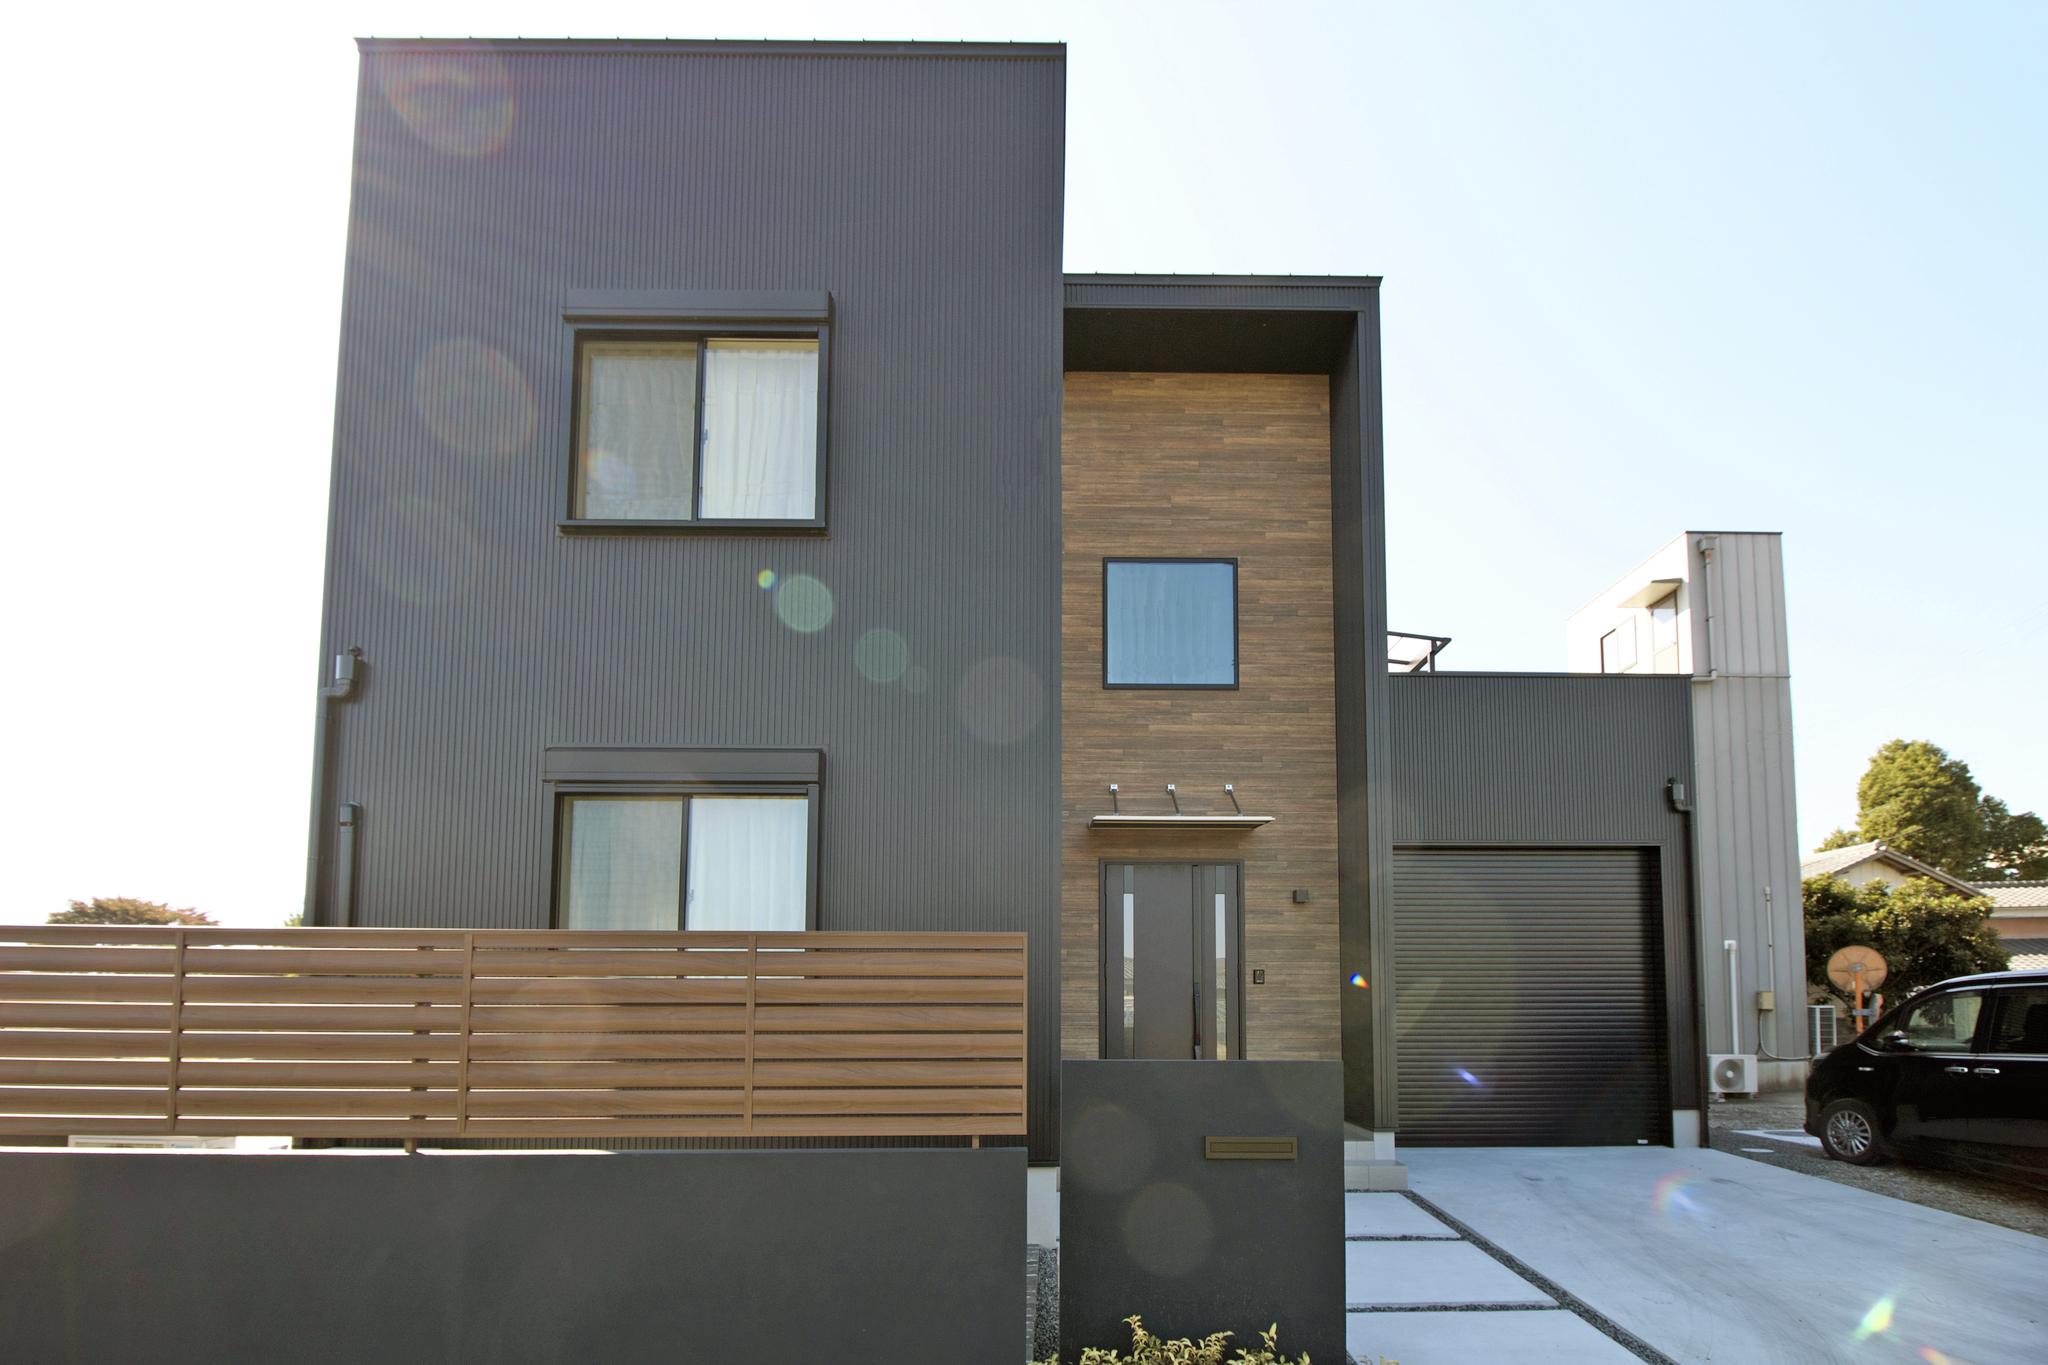 Hsamahouse-1254-ec.jpg